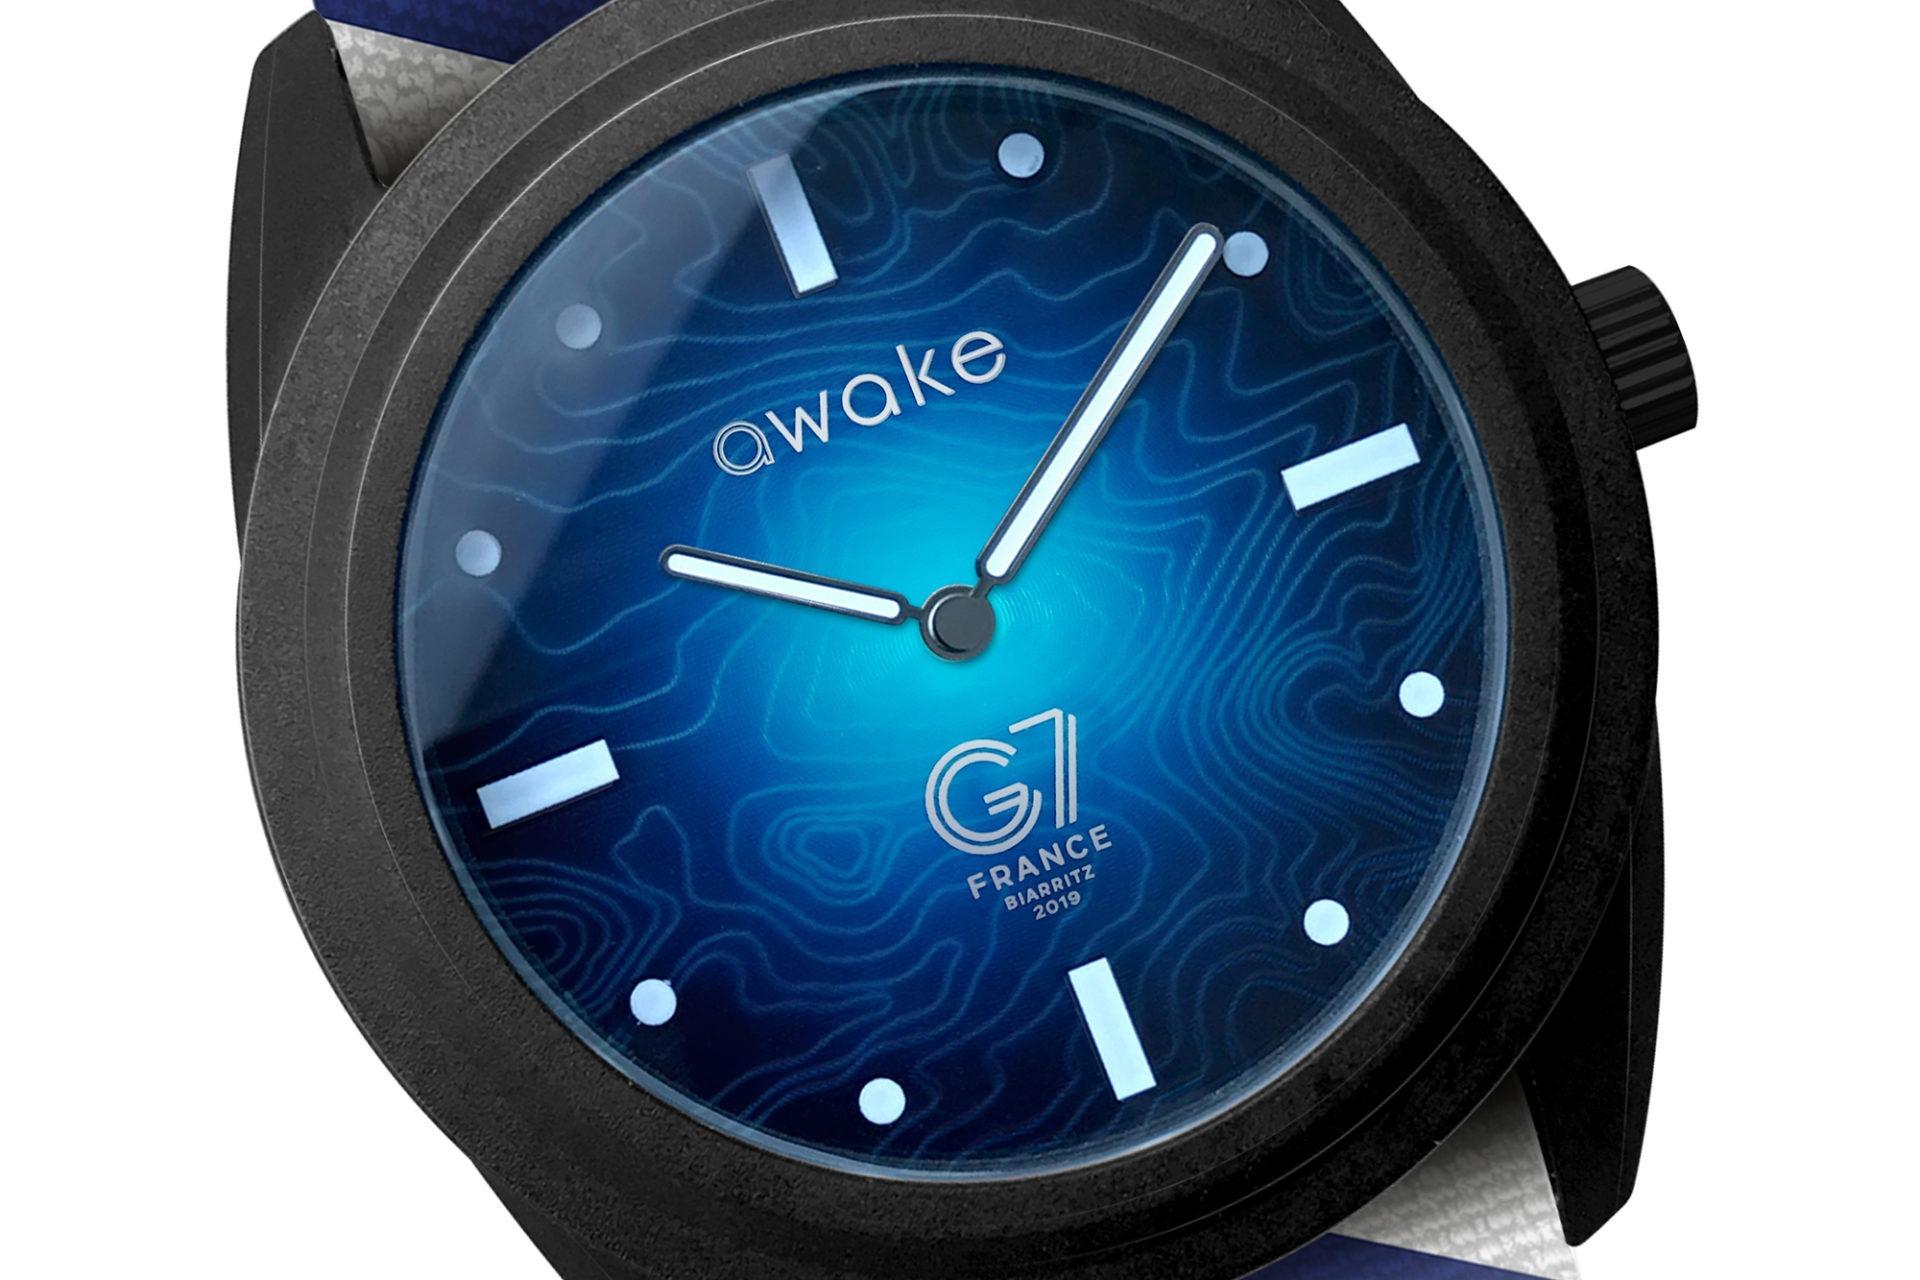 Awake x G7